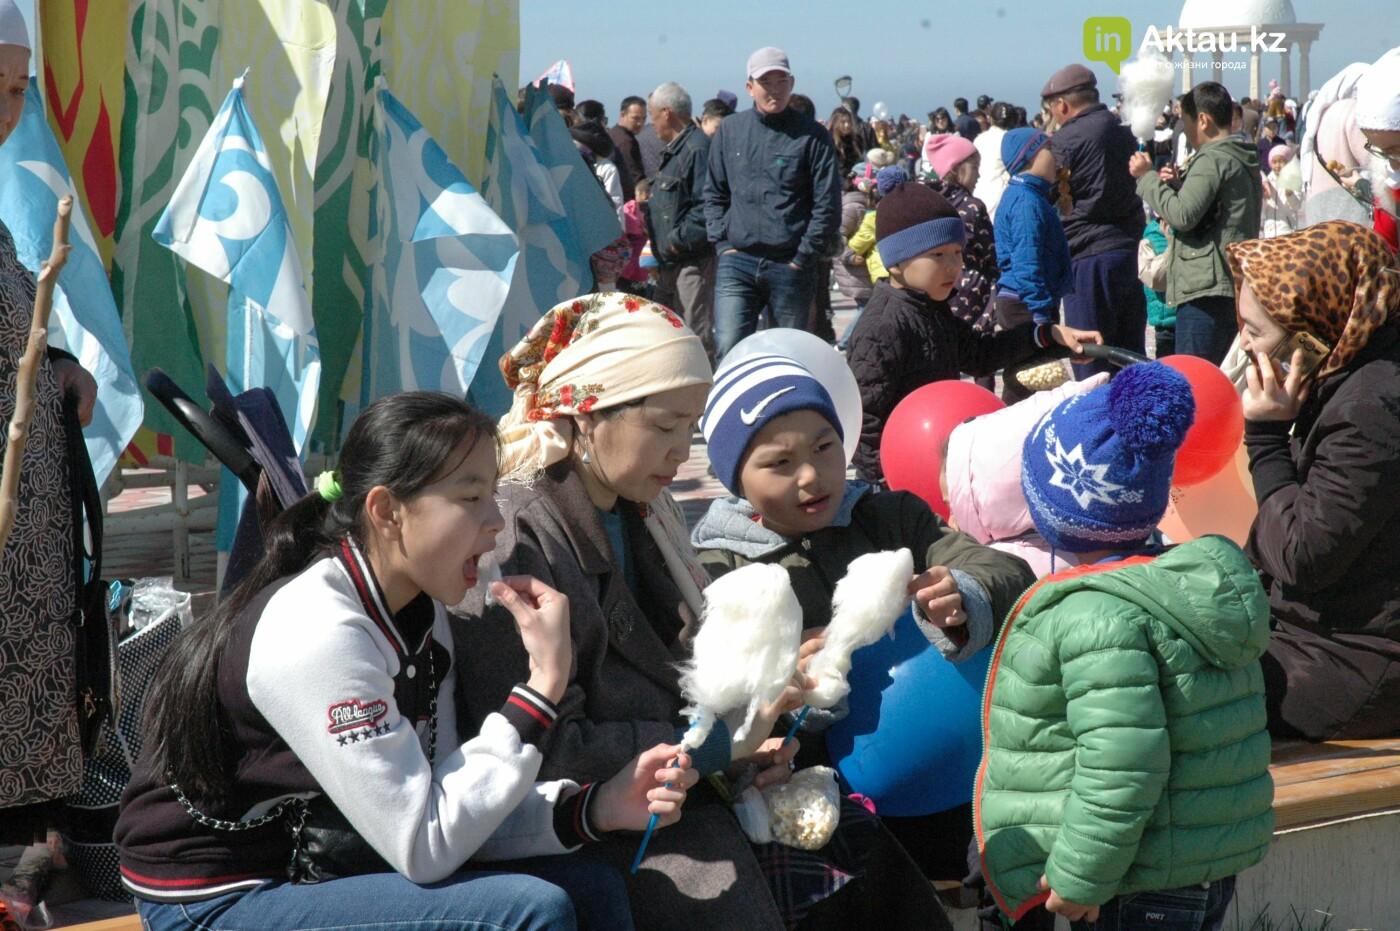 Актау празднует Наурыз мейрамы (ФОТО), фото-21